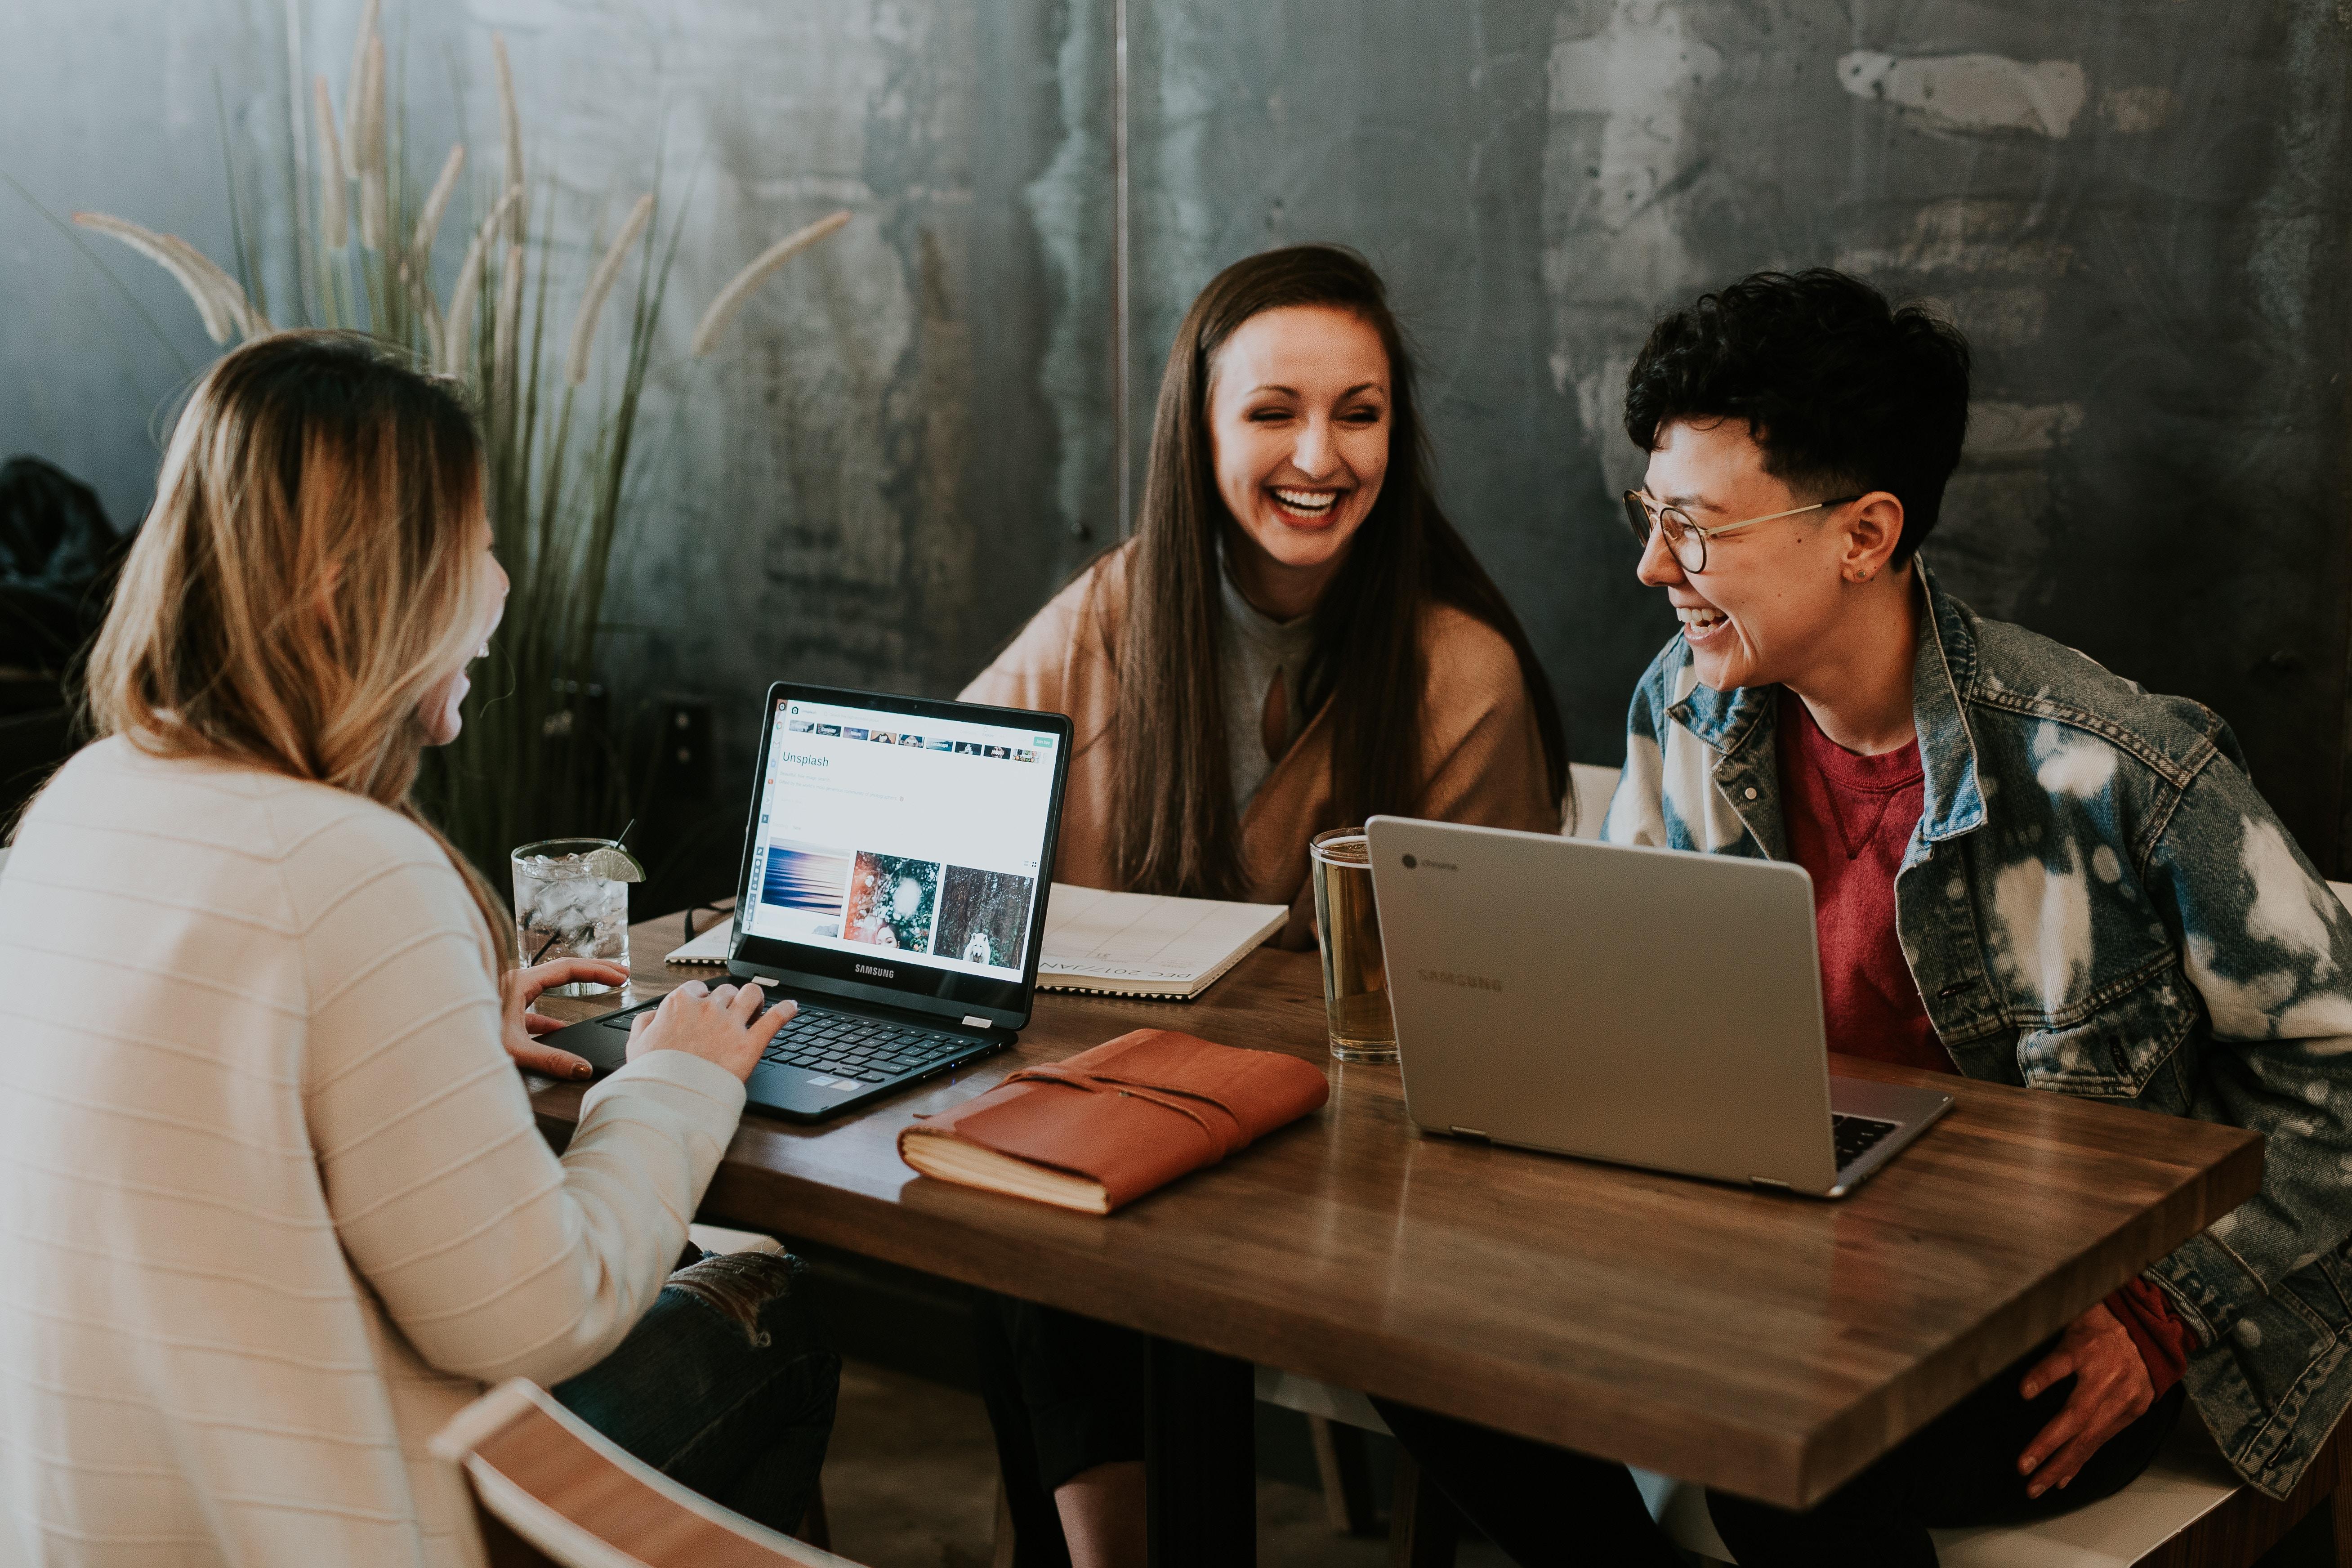 três mulheres sentadas a mesa diante de um notebook, ela riem e conversam